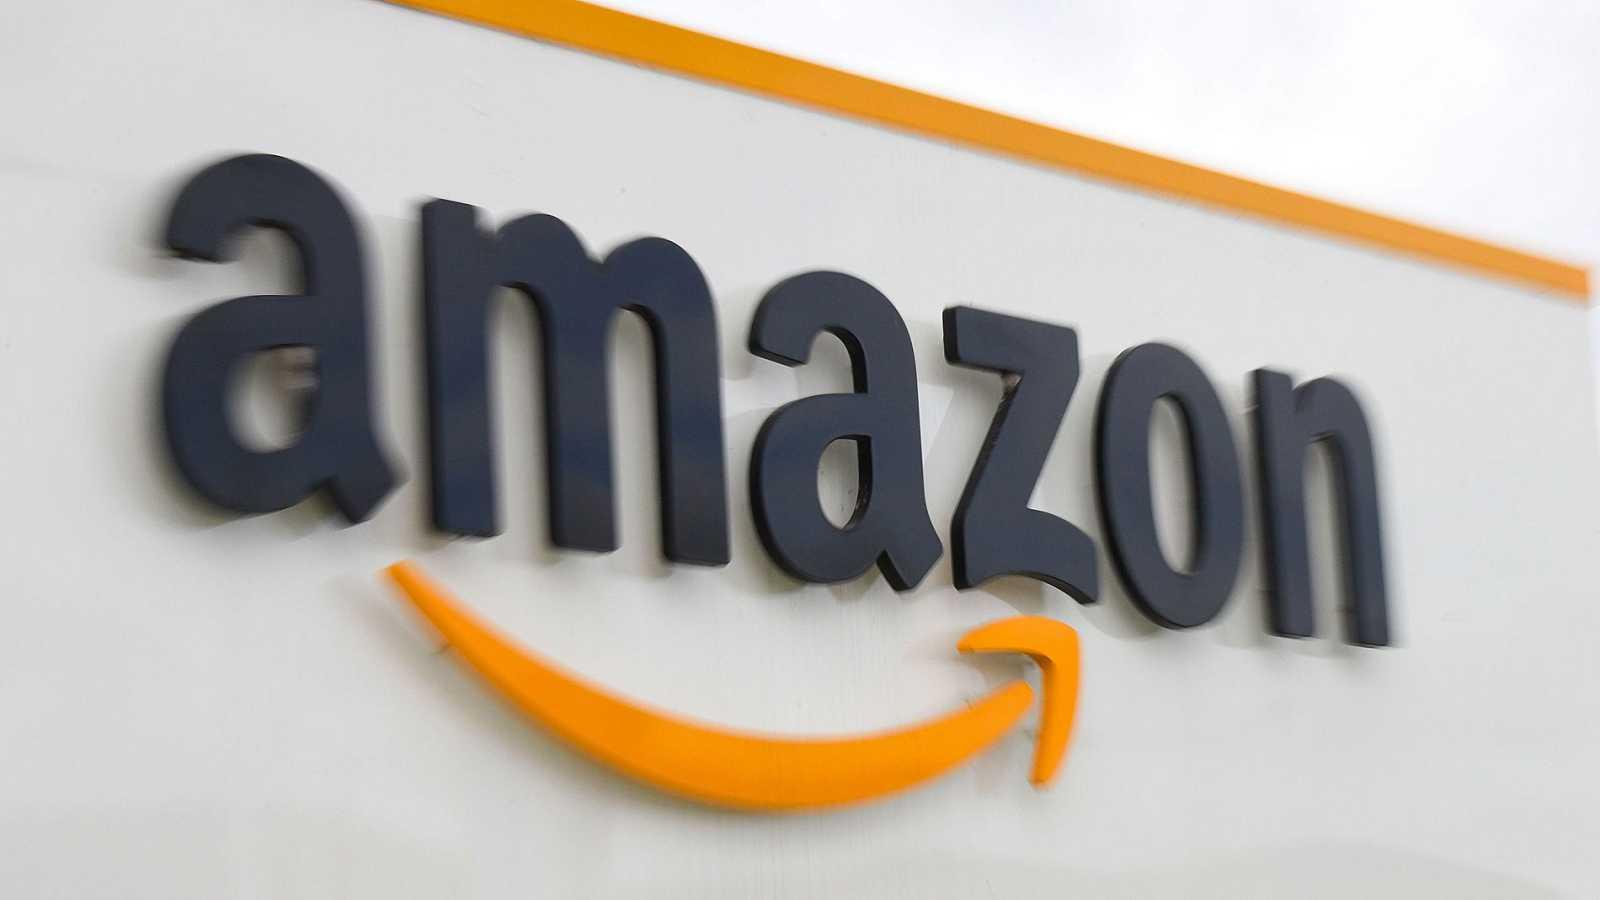 Bruselas investiga a Amazon por posibles prácticas contra la competencia